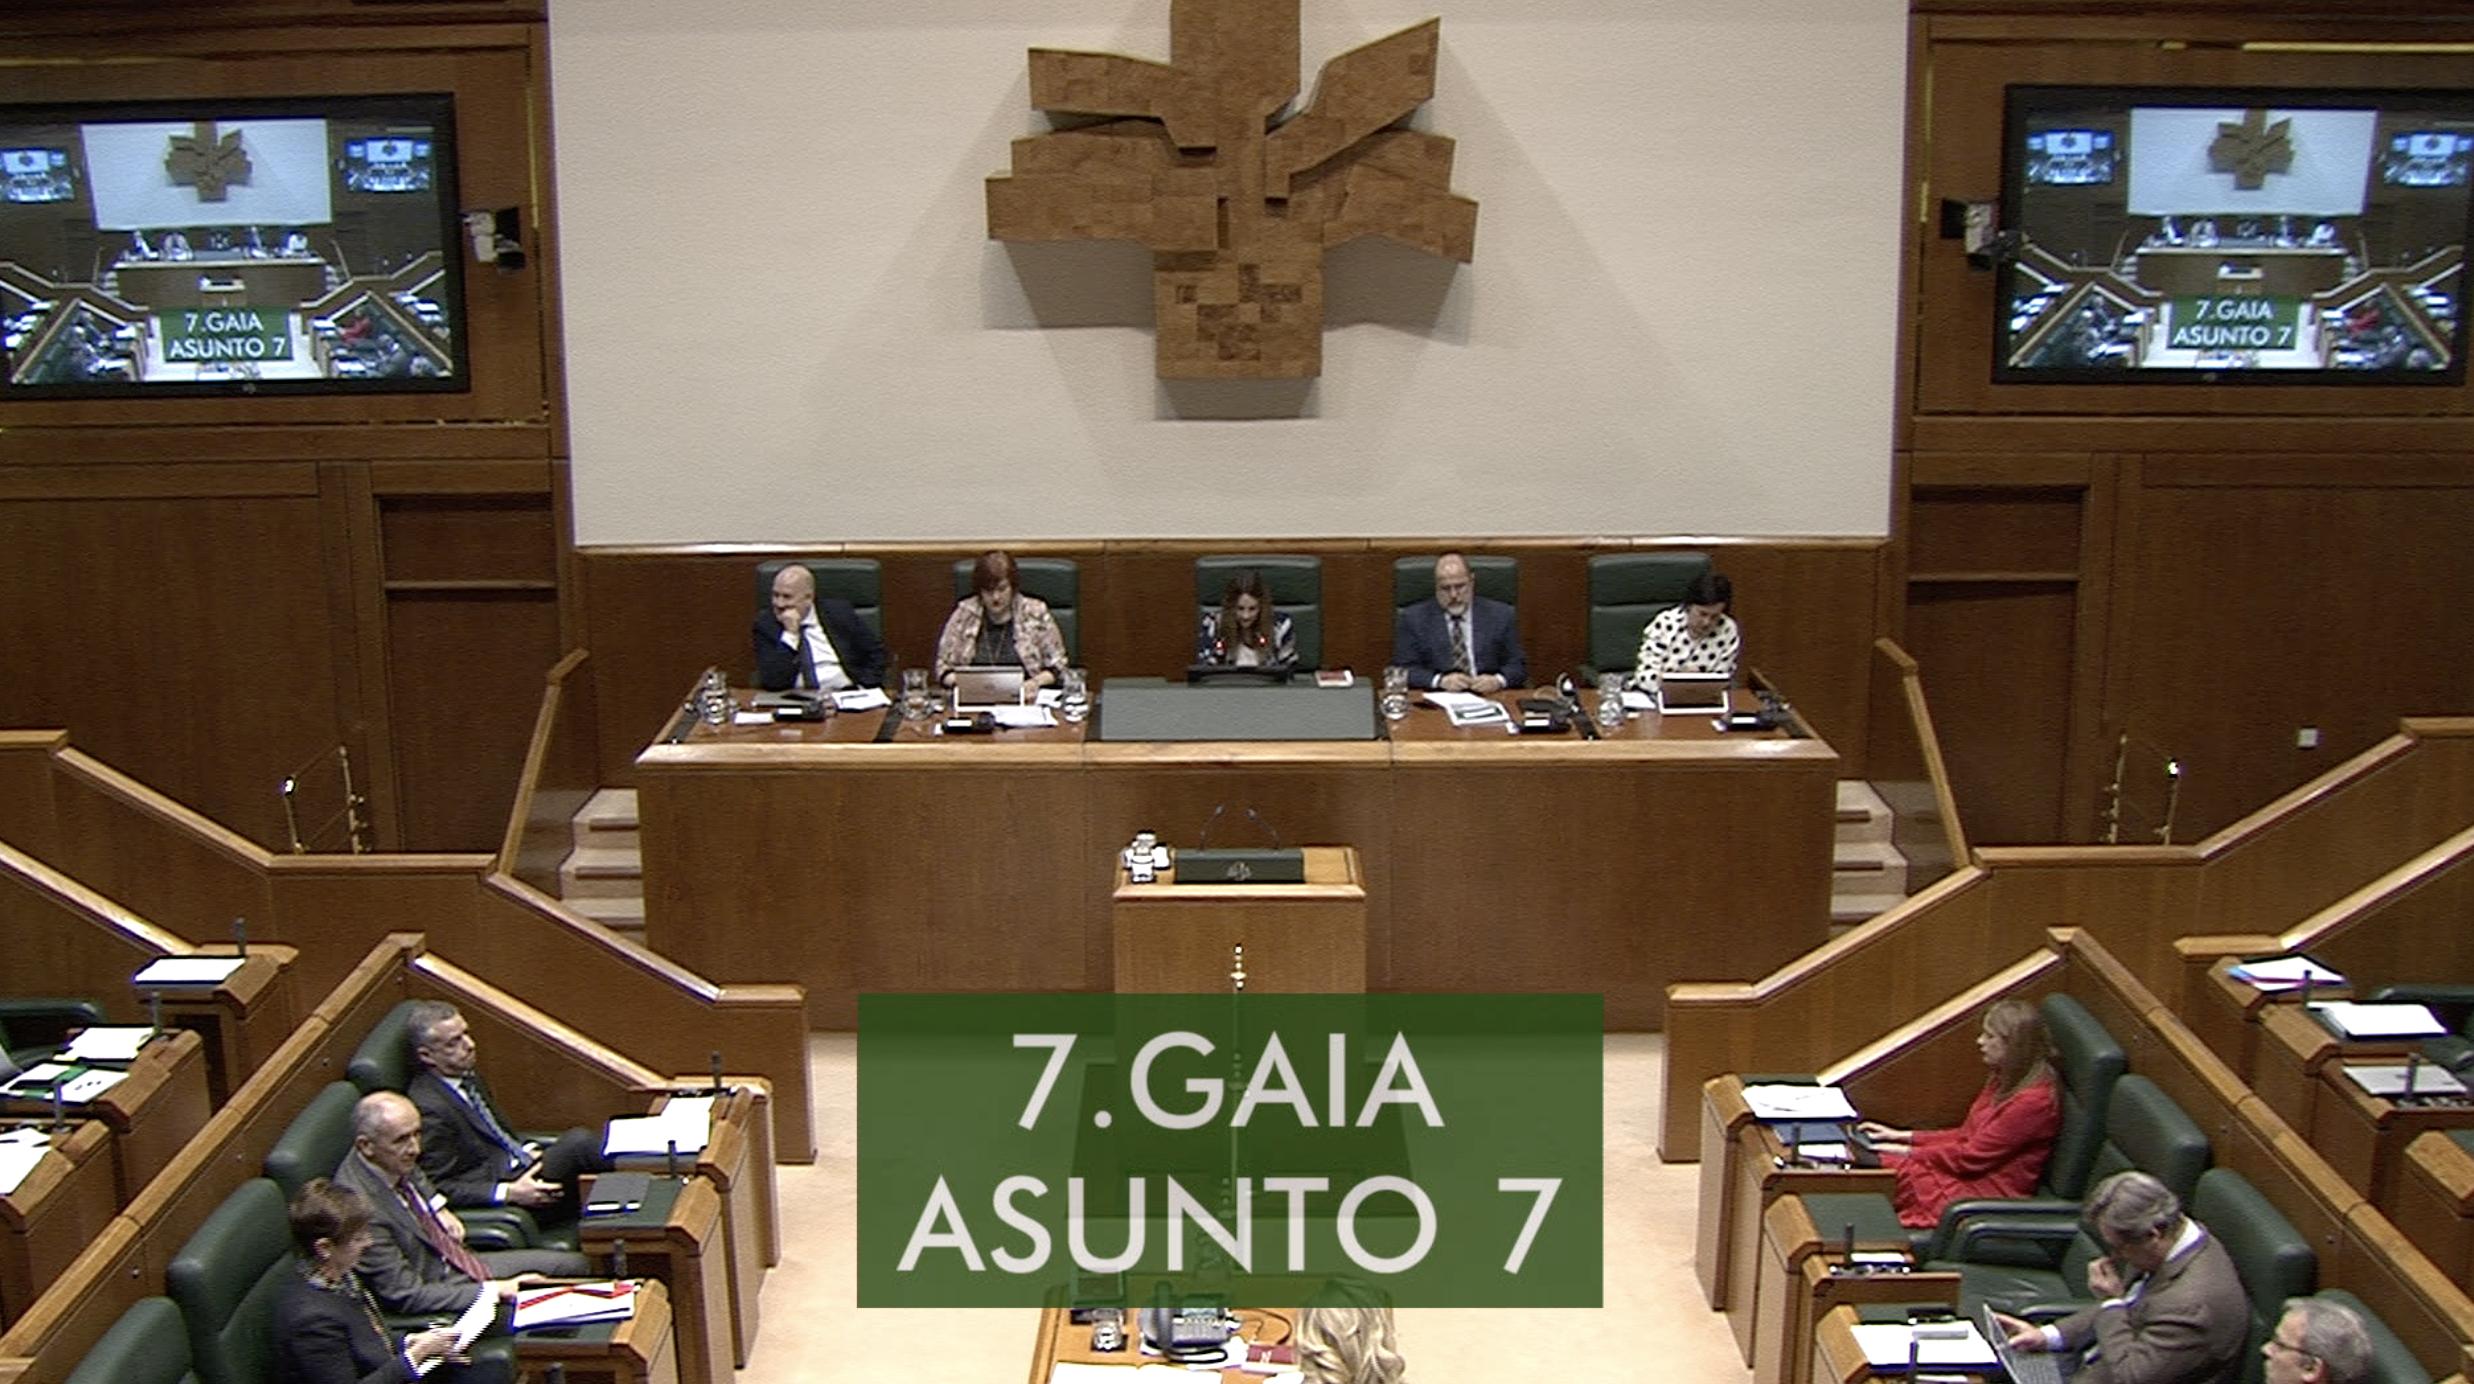 Galdera, Eukene Arana Varas Elkarrekin Podemos taldeko legebiltzarkideak lehendakariari egina, Euskadiko emakumeen eskaera eta proposamenei Eusko Jaurlaritzak ez erantzuteari buruz